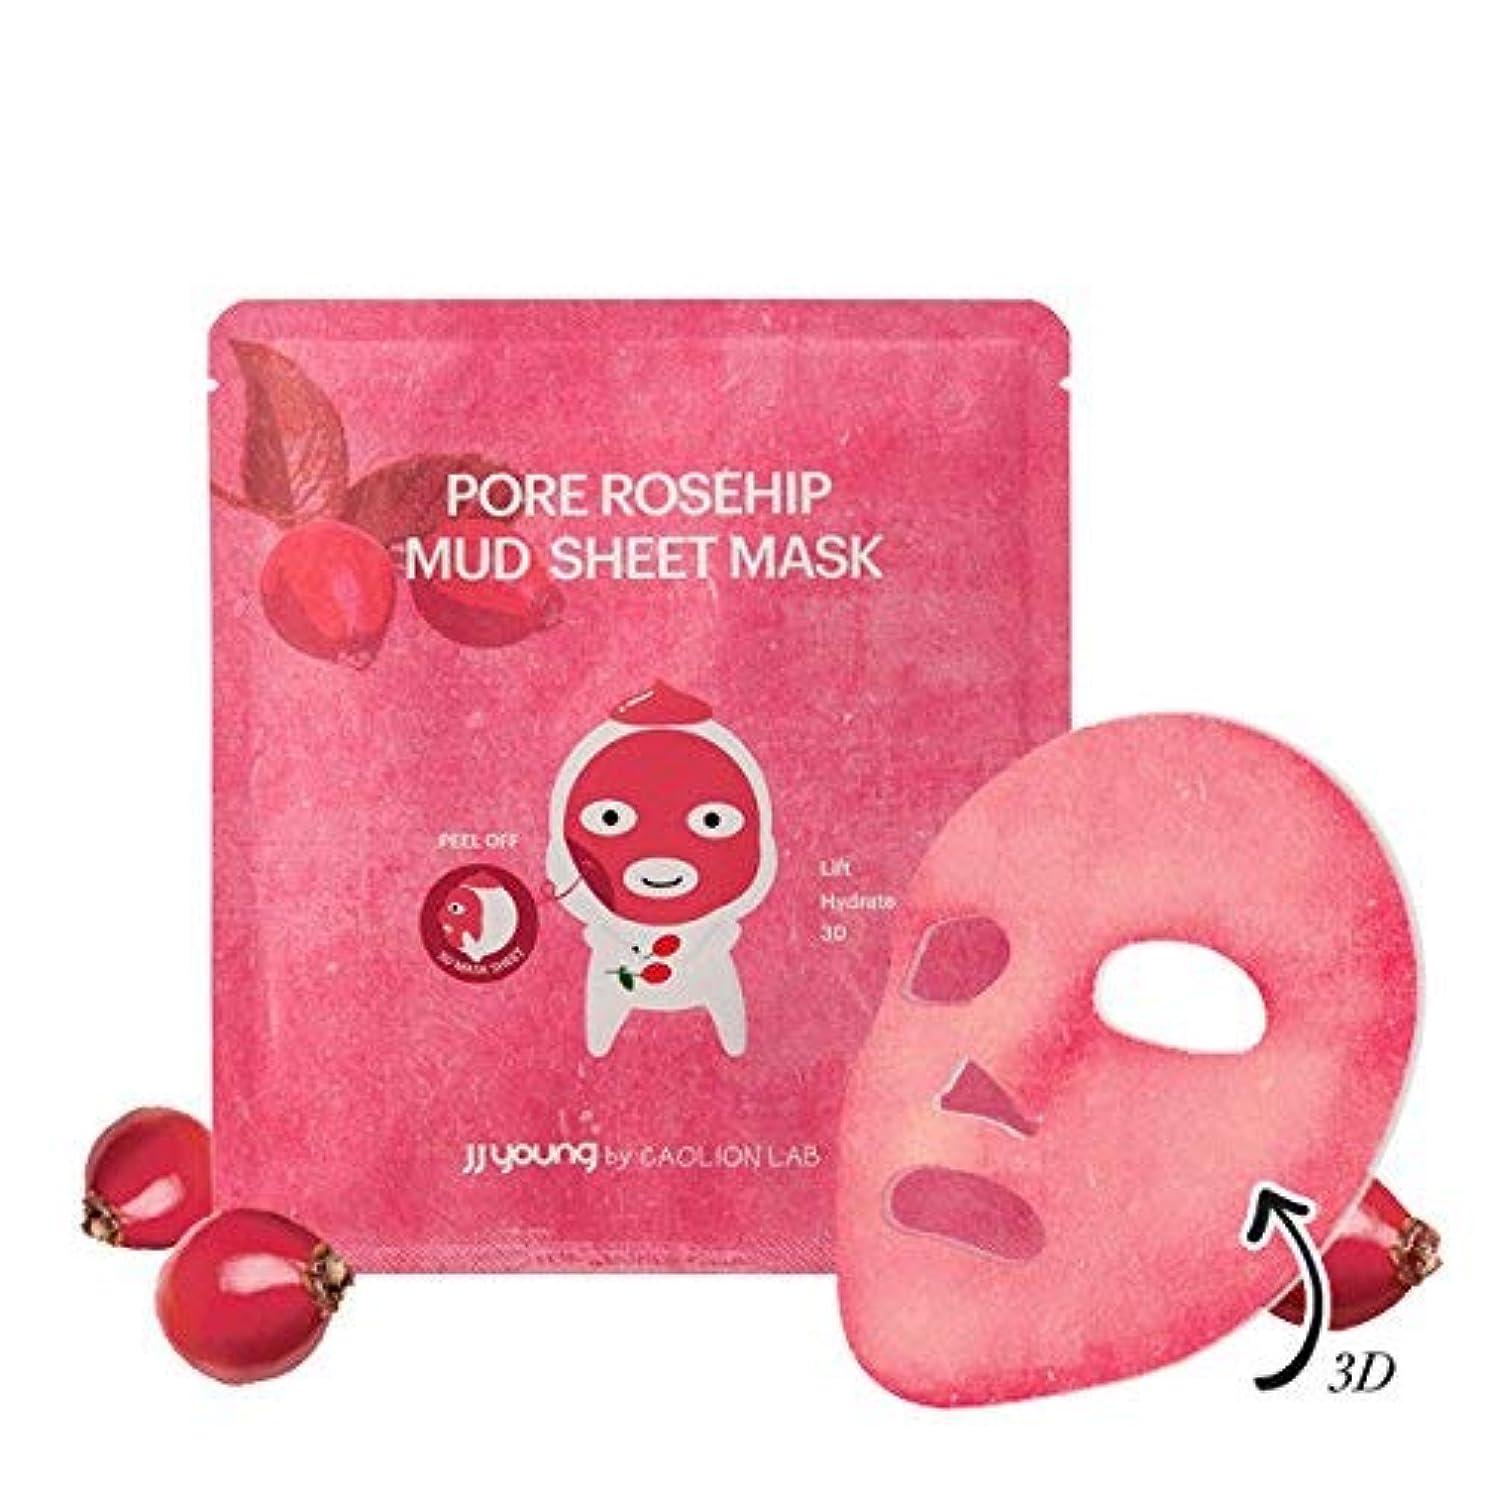 ピストル困難準拠Pore Rosehip Mud Sheet Mask ポアローズヒップマッドシートマスク [海外直送品] [並行輸入品]